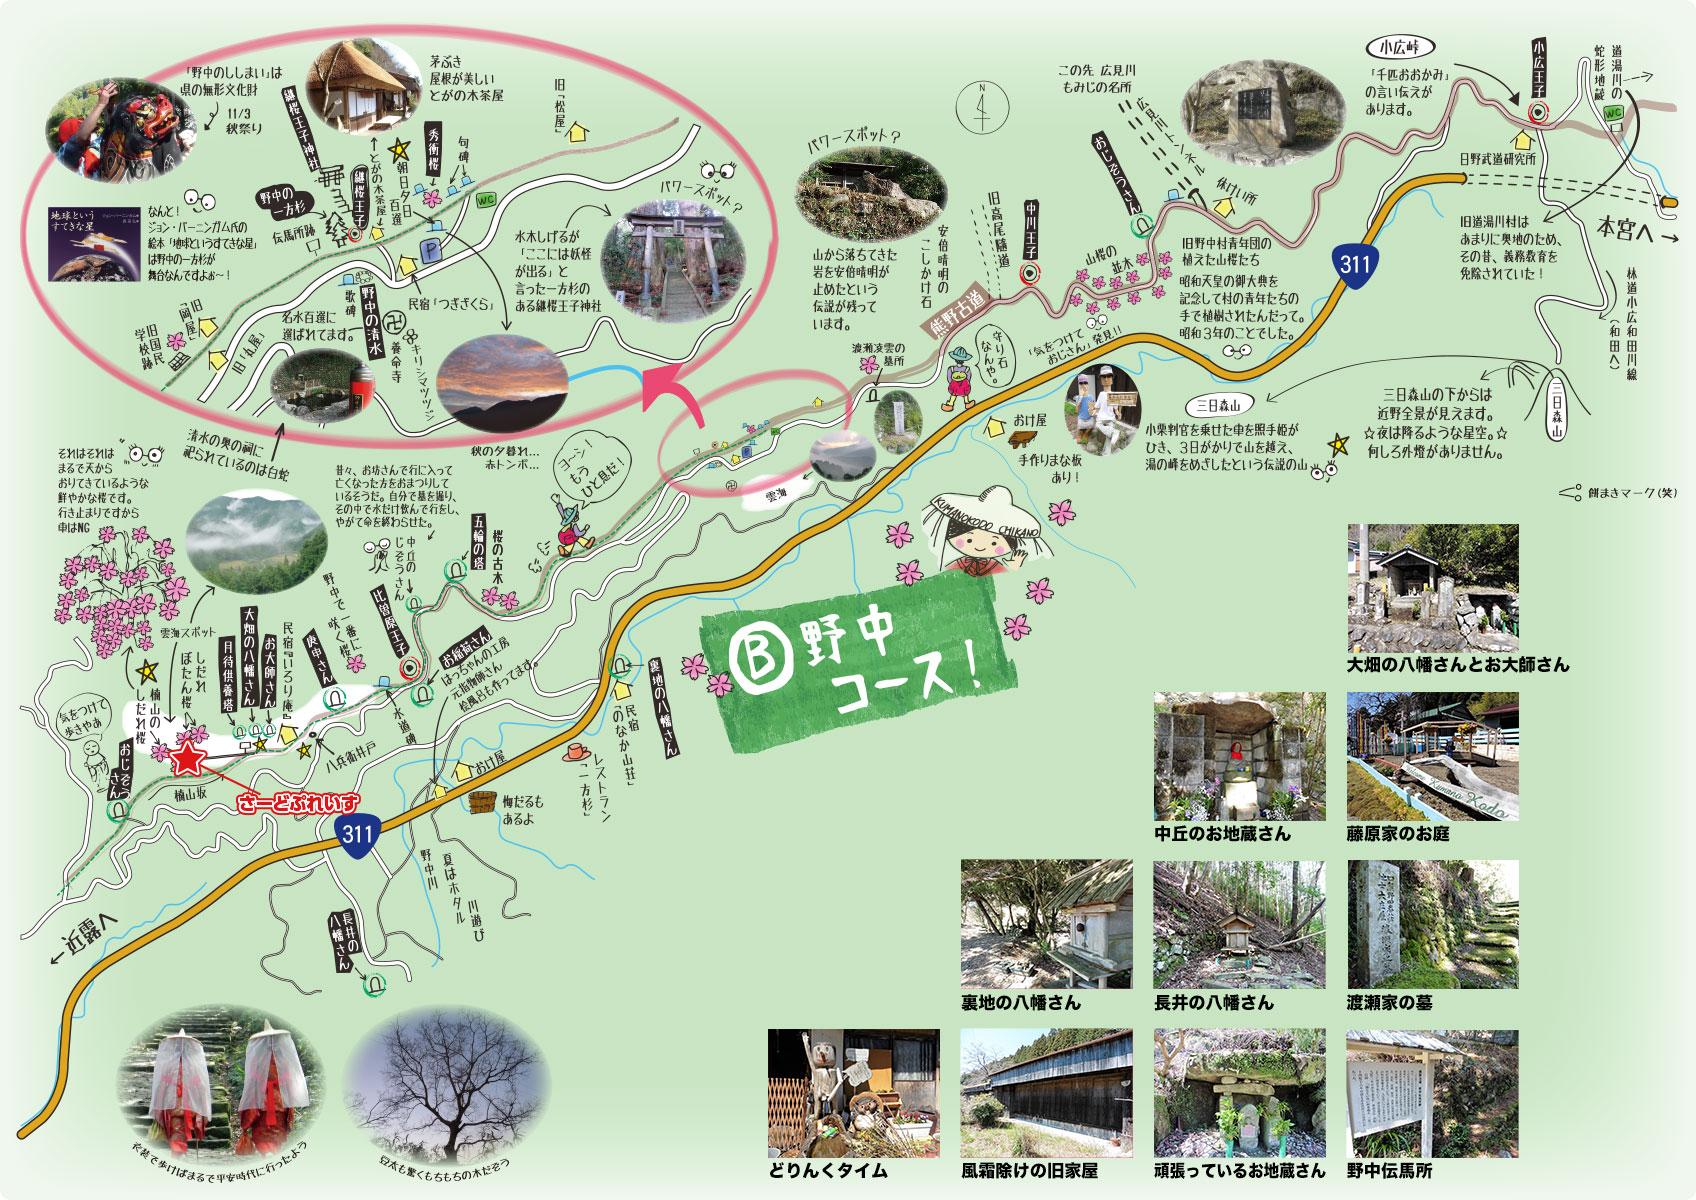 近露 野中散策マップ